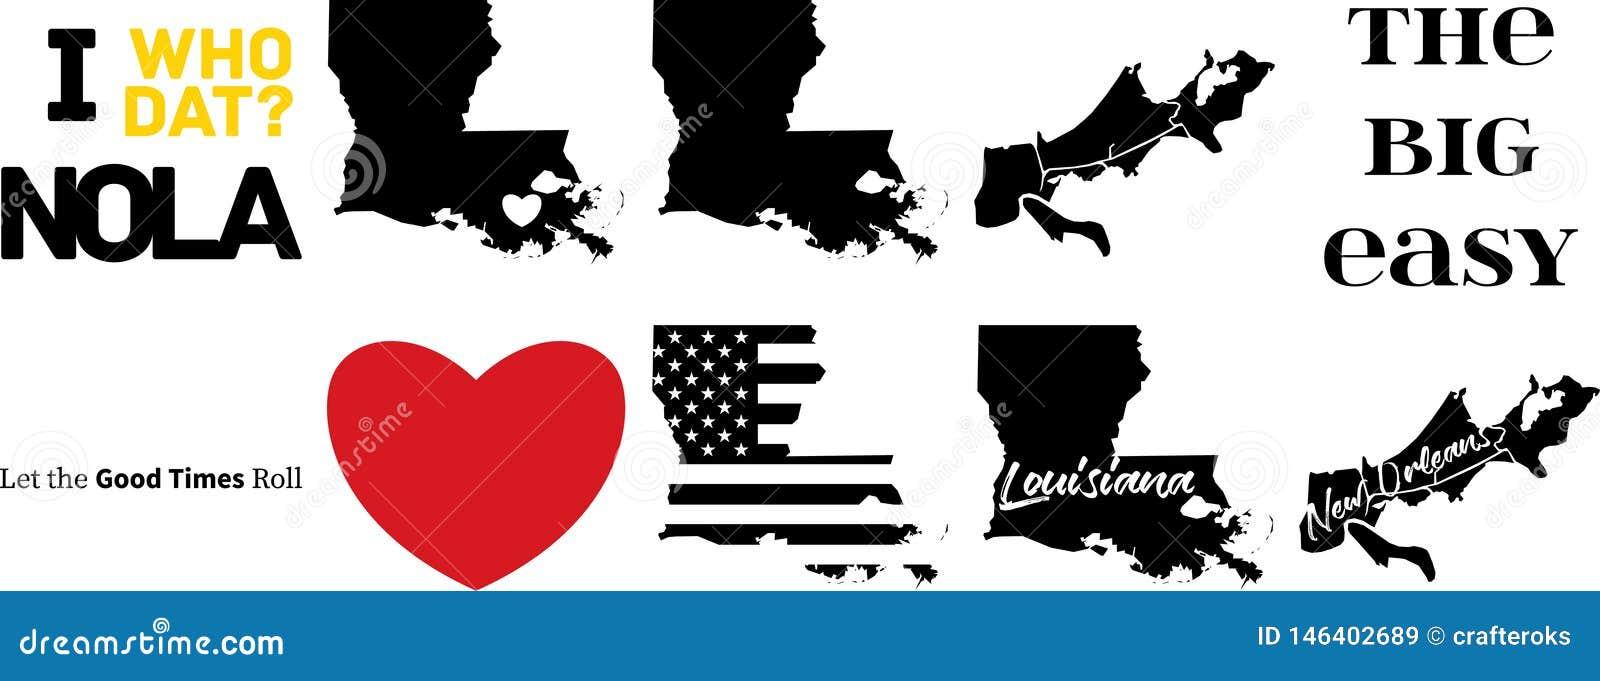 Mappa di vettore di New Orleans Luisiana